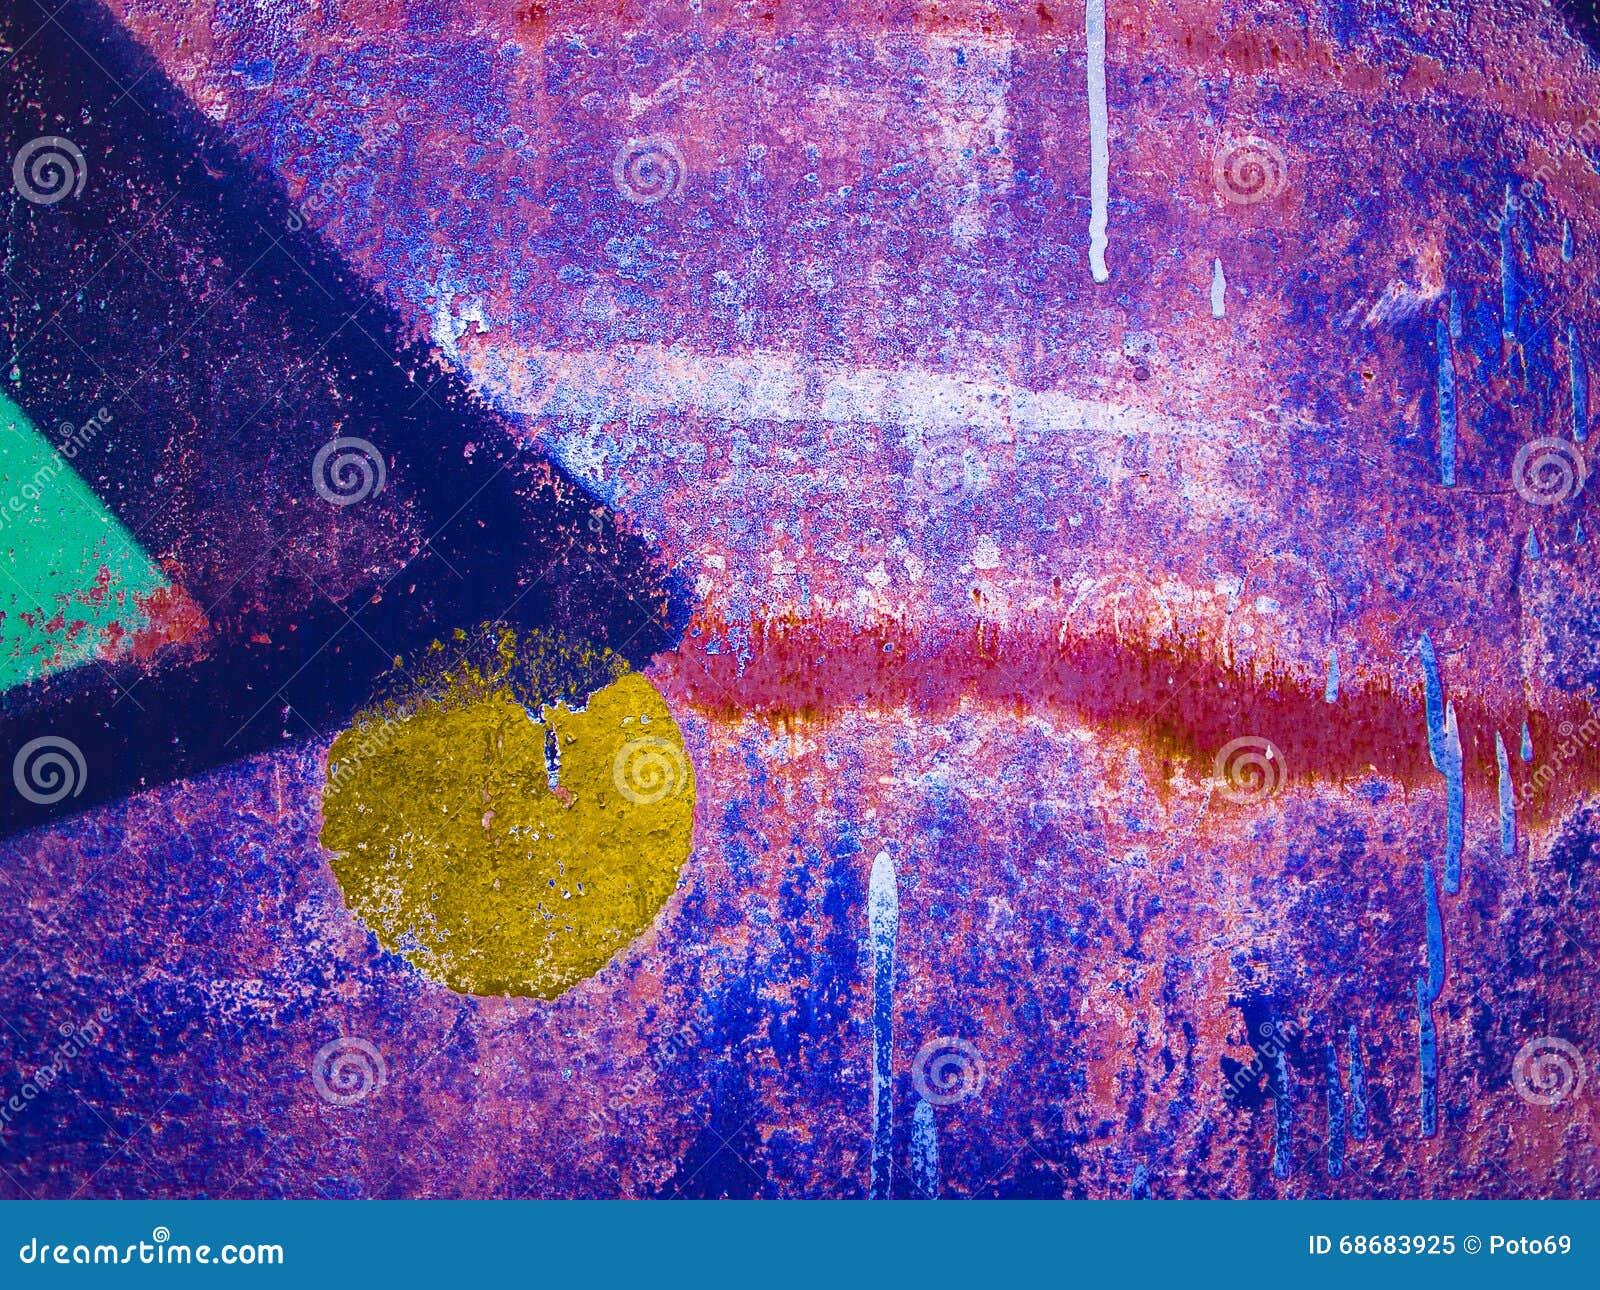 Fondo o bokeh abstracto borroso colorido